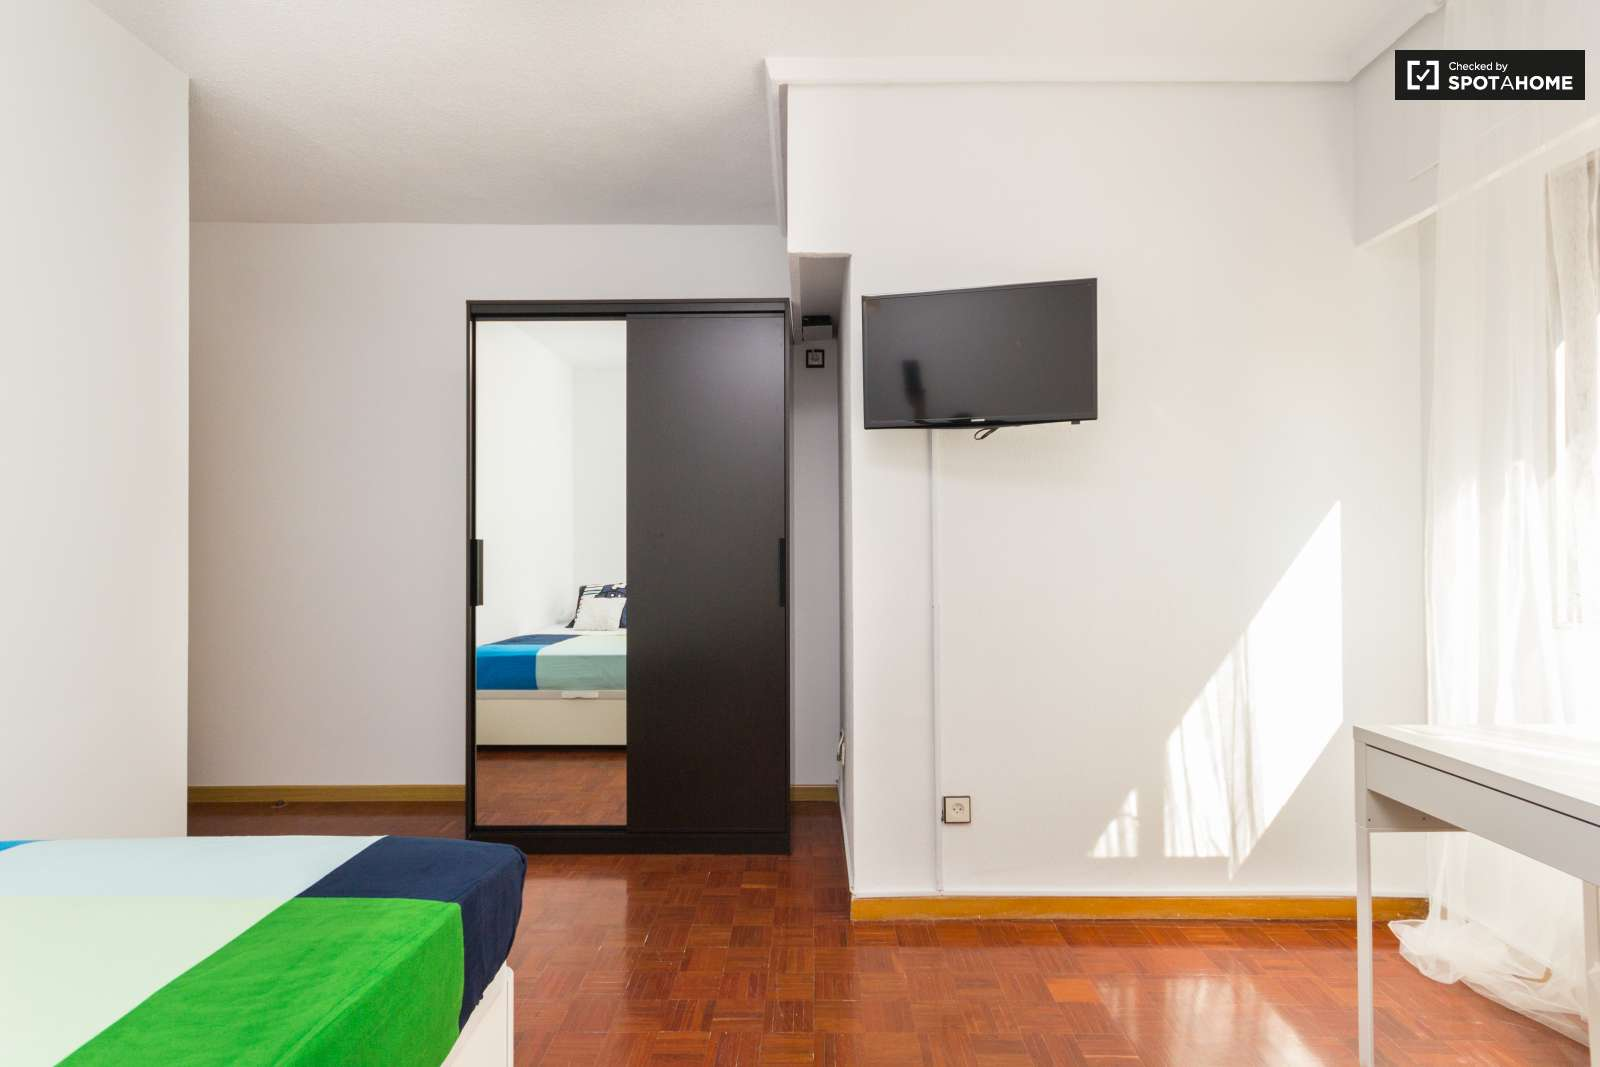 Habitaciones en alquiler en ciudad universitaria madrid for Renta de cuartos en ciudad universitaria